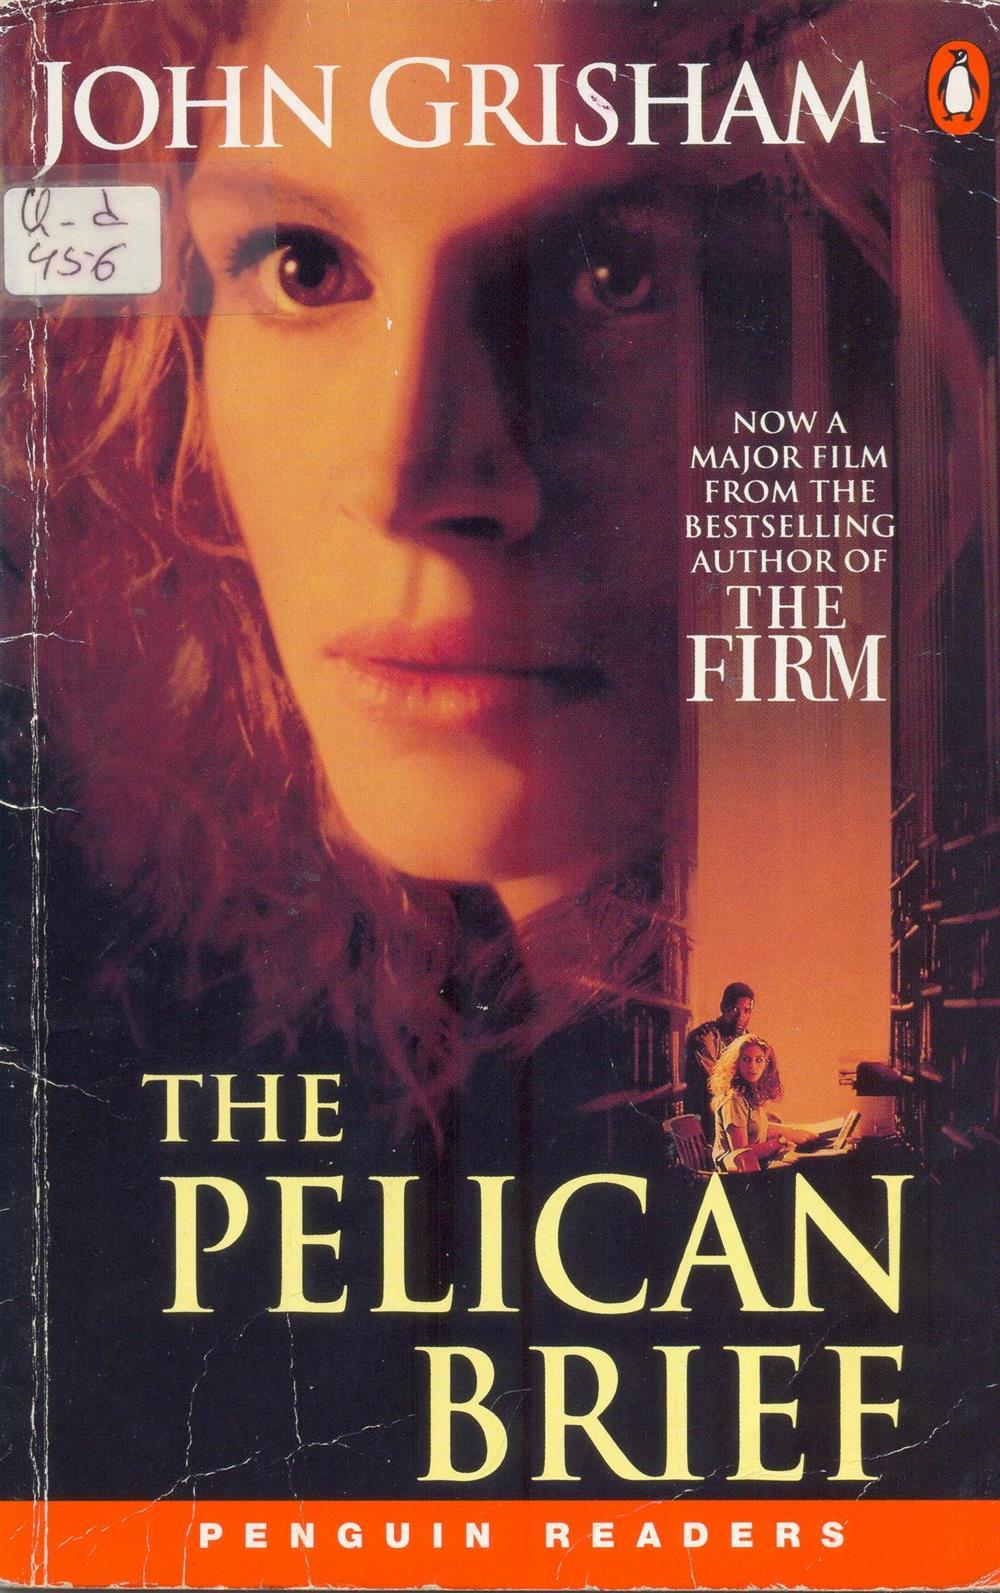 The pelican brief 001.jpg